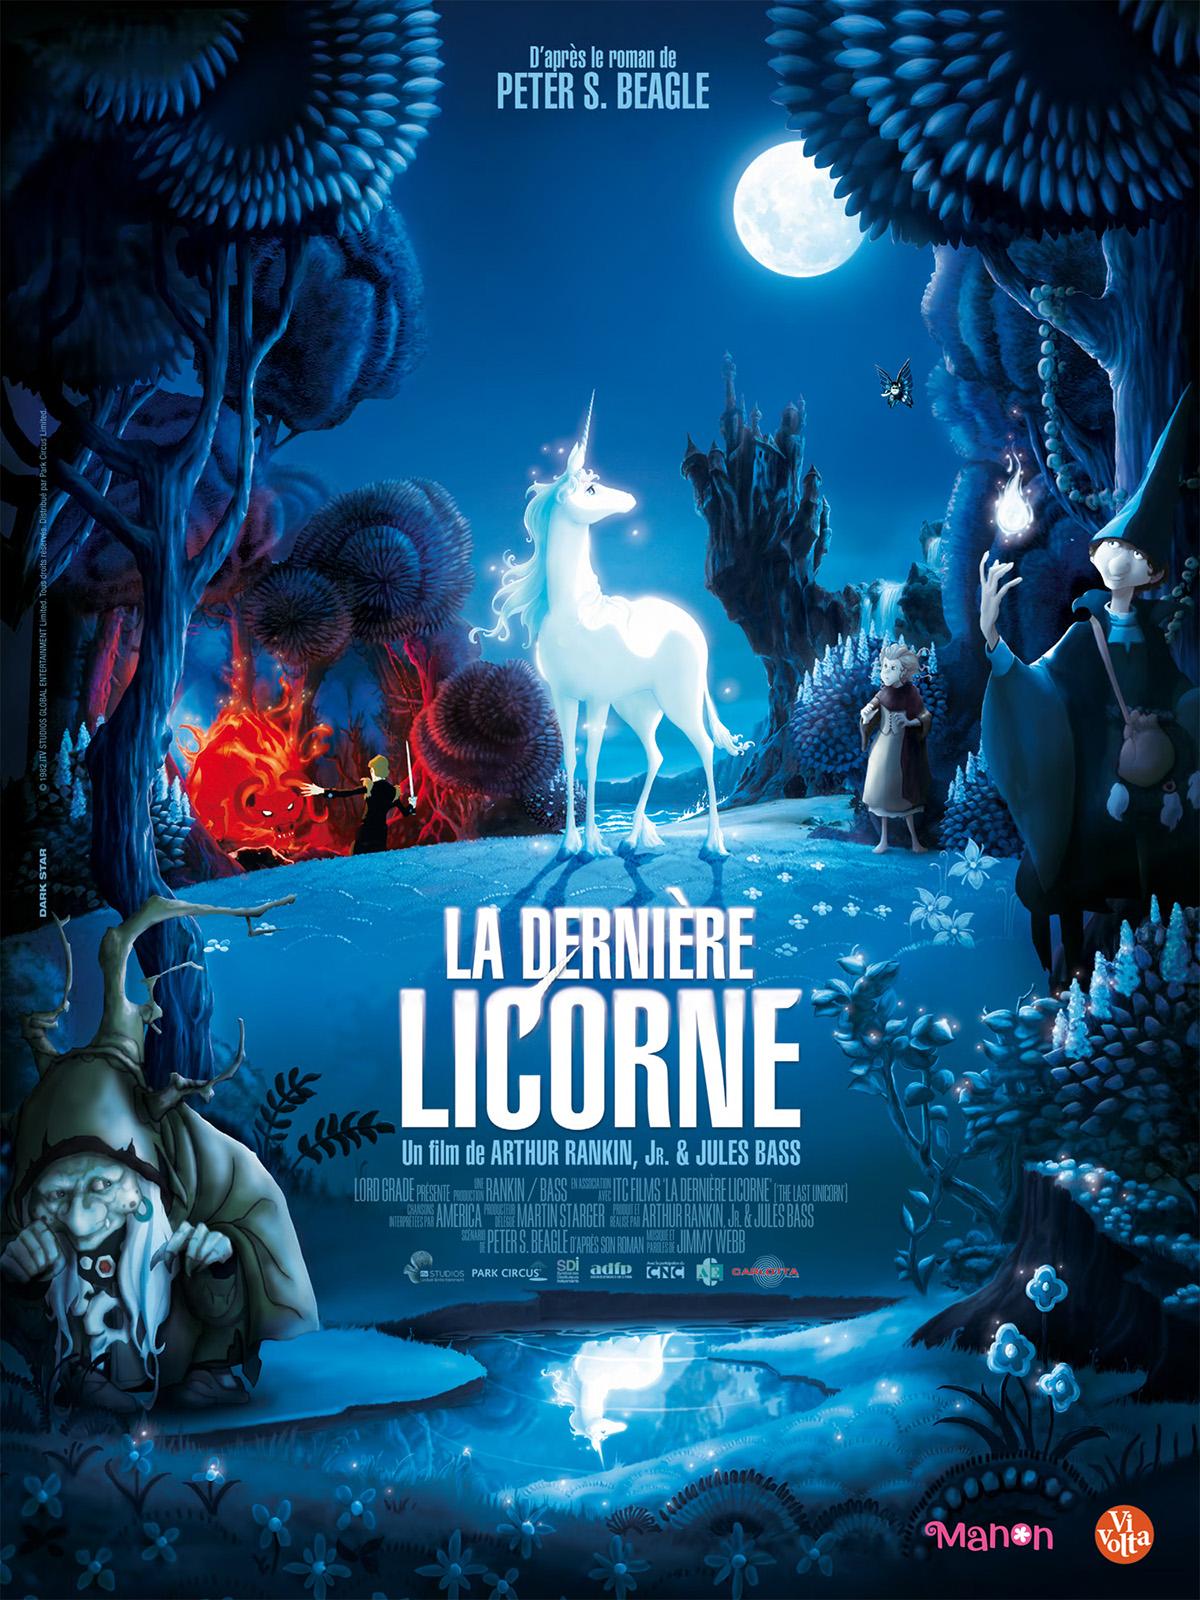 612_la_derniere_licorne_1